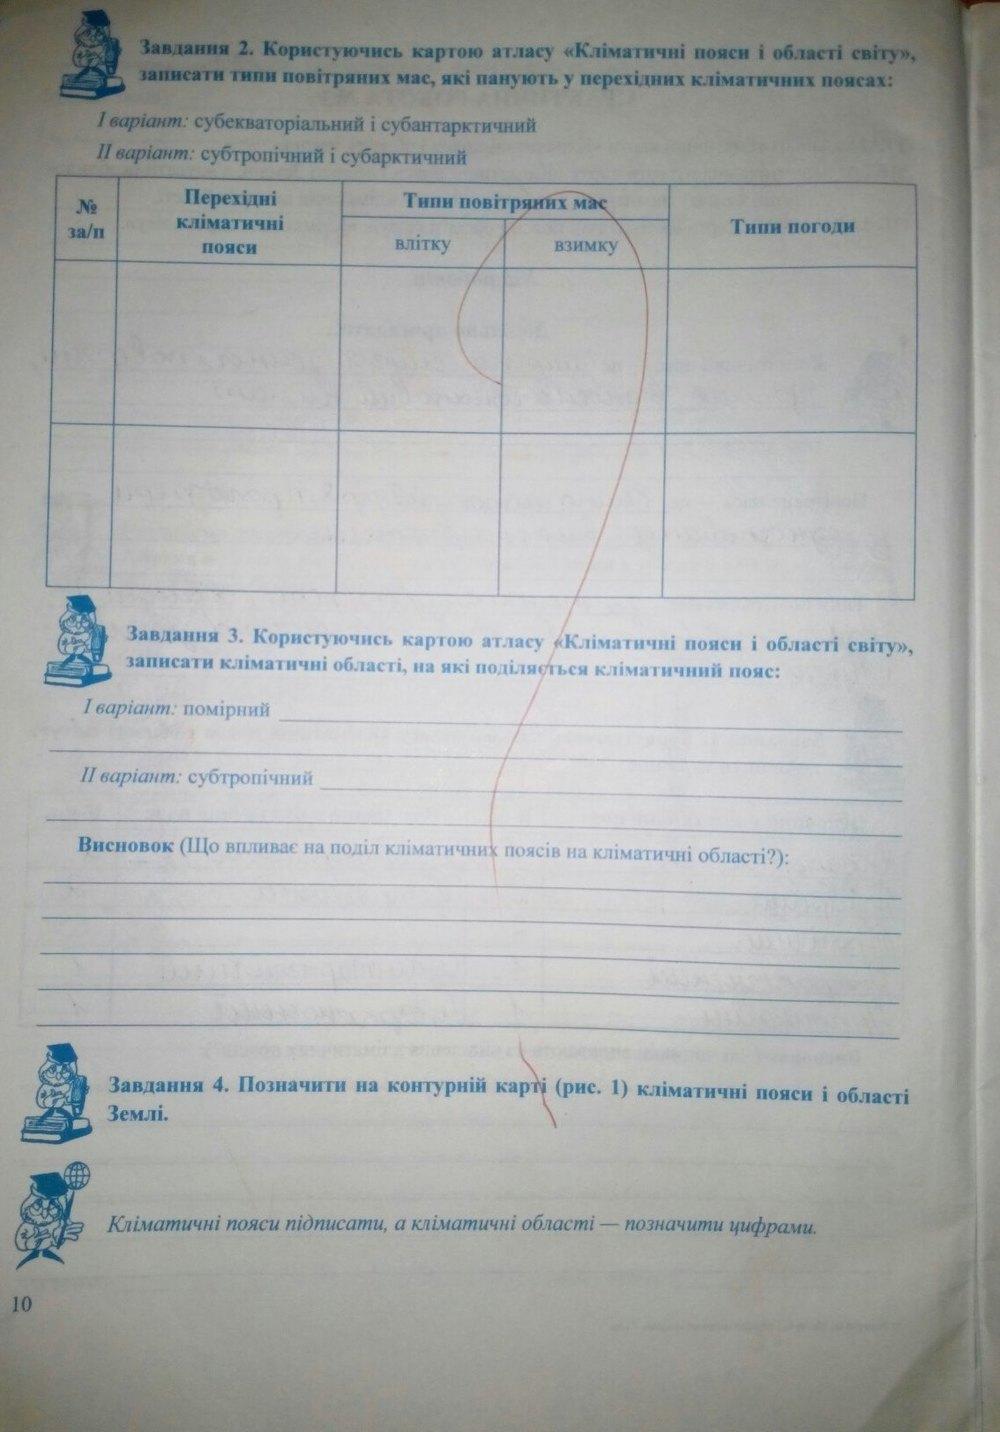 ГДЗ відповіді робочий зошит по географии 7 класс Варакута О., Швець Є.. Задание: стр. 10